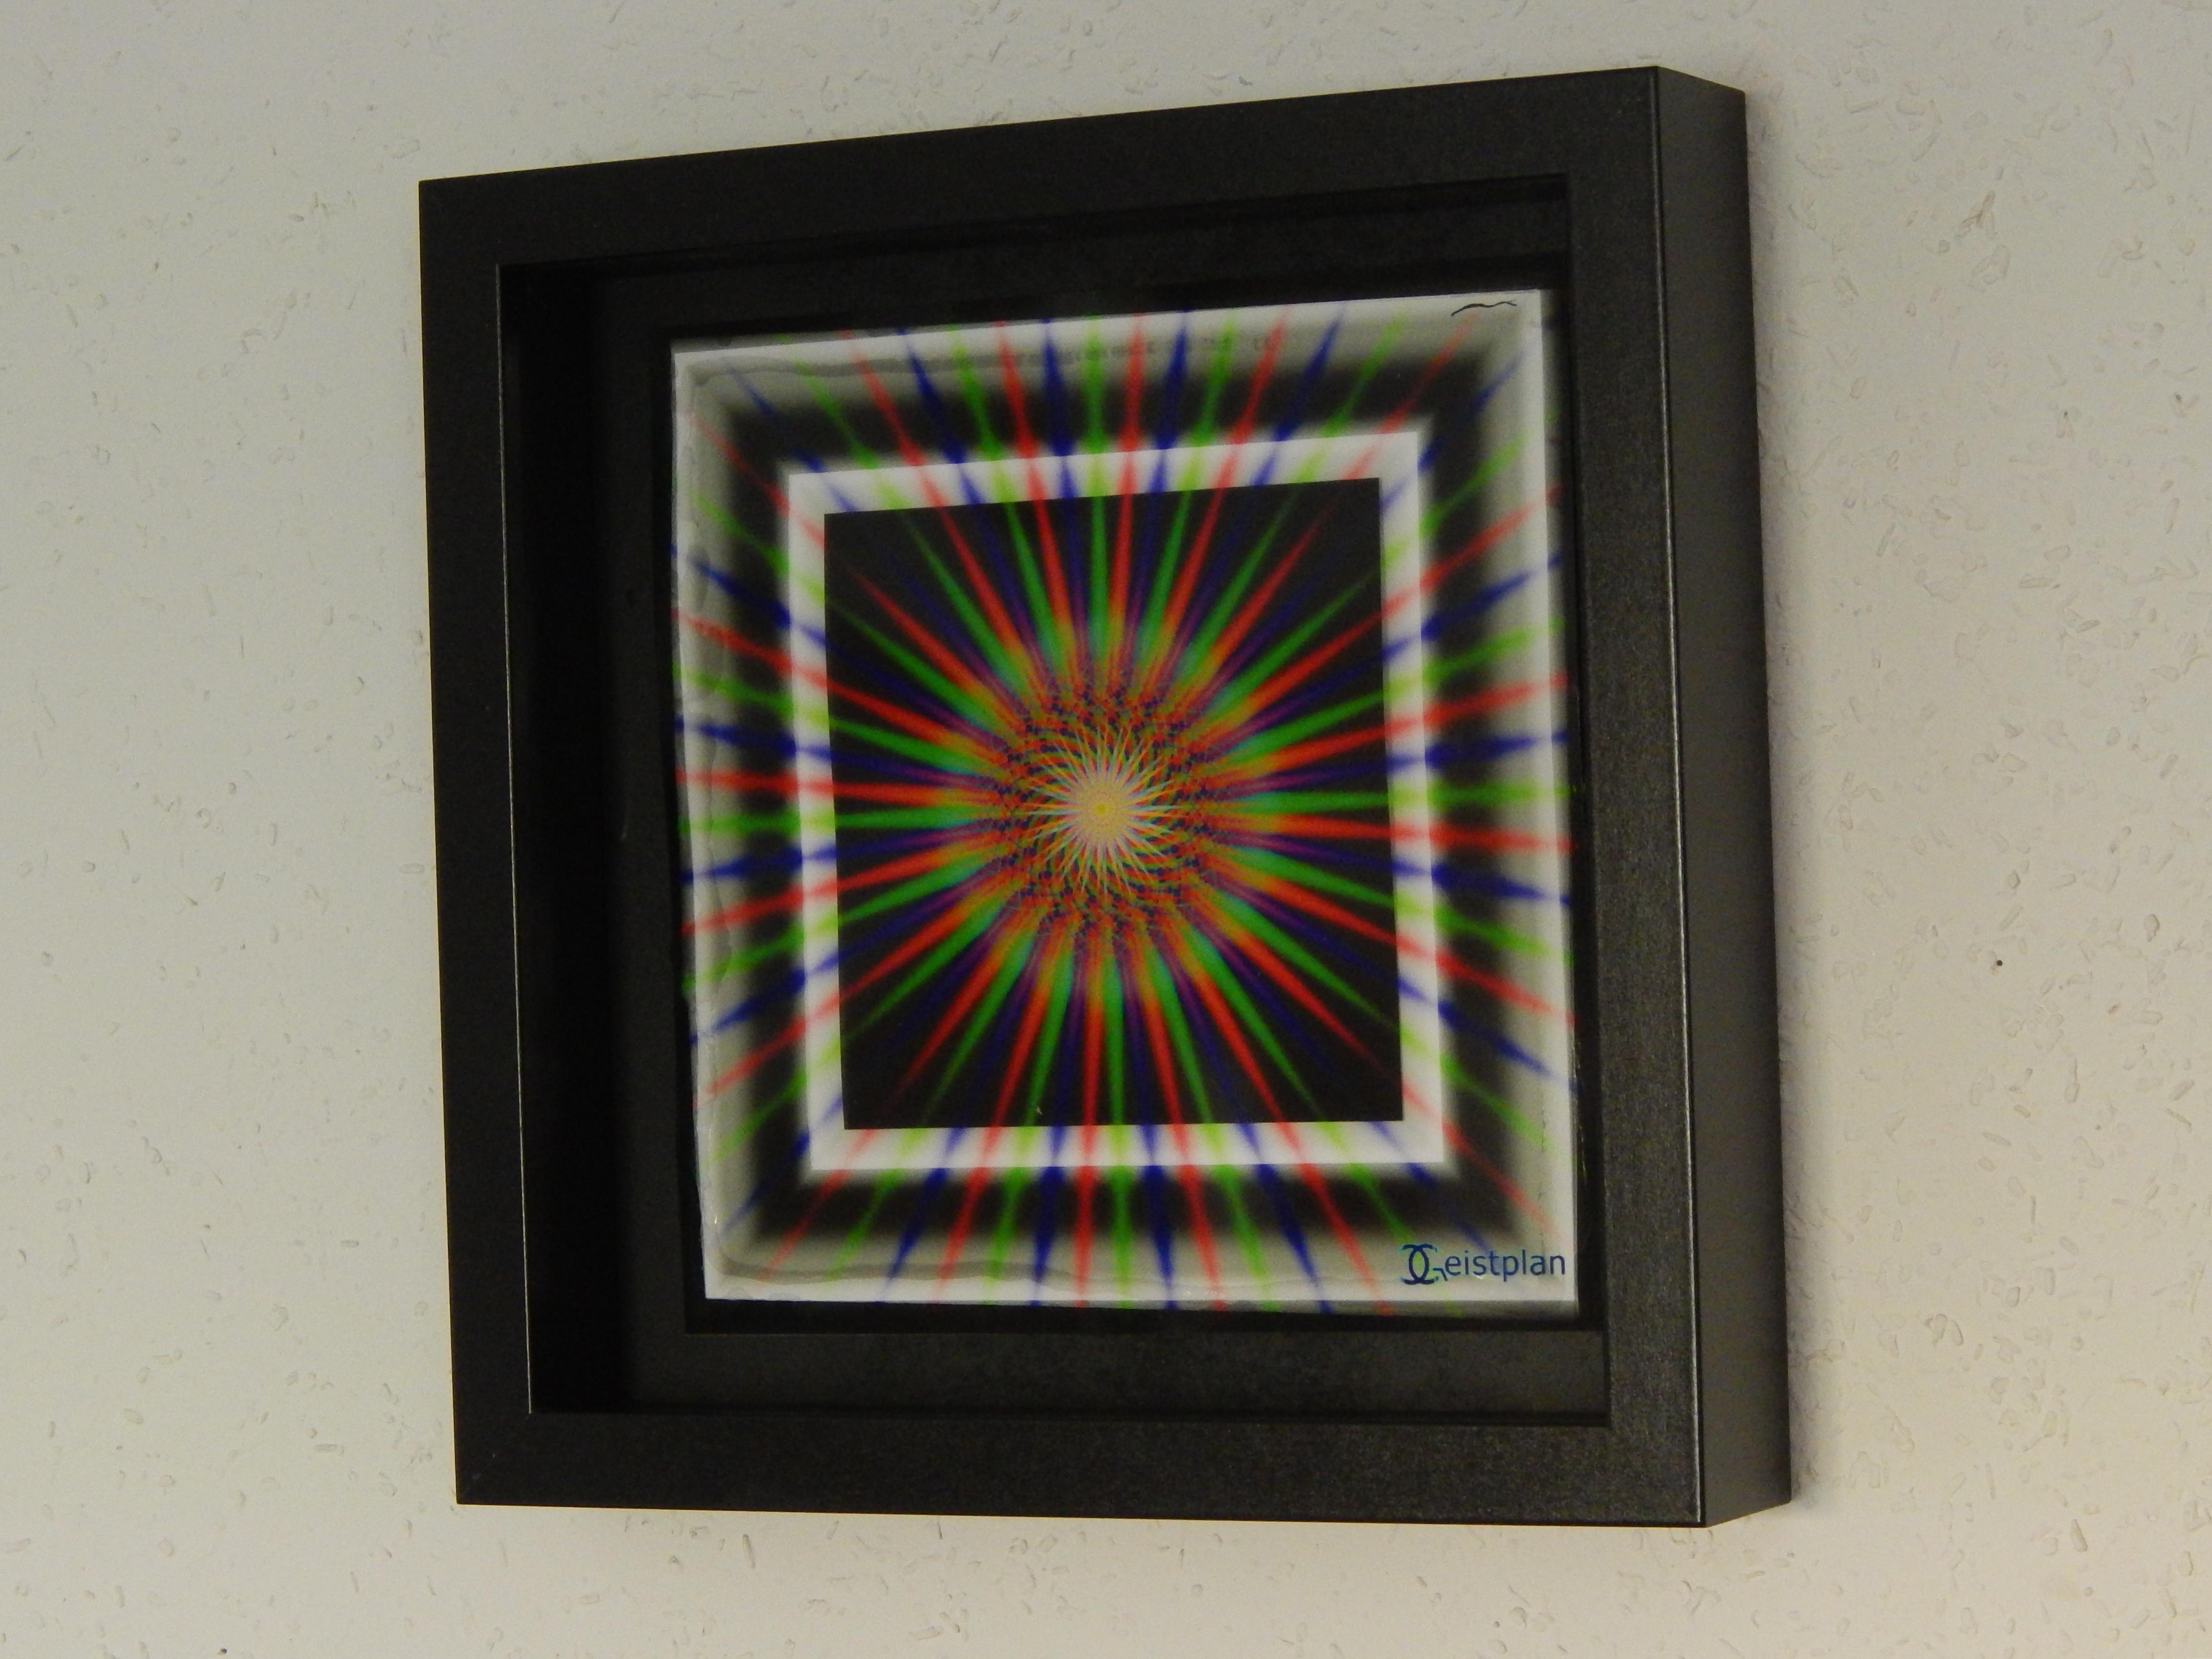 Ein Foto von einem psychodelischen Mandala in einem Objektrahmen